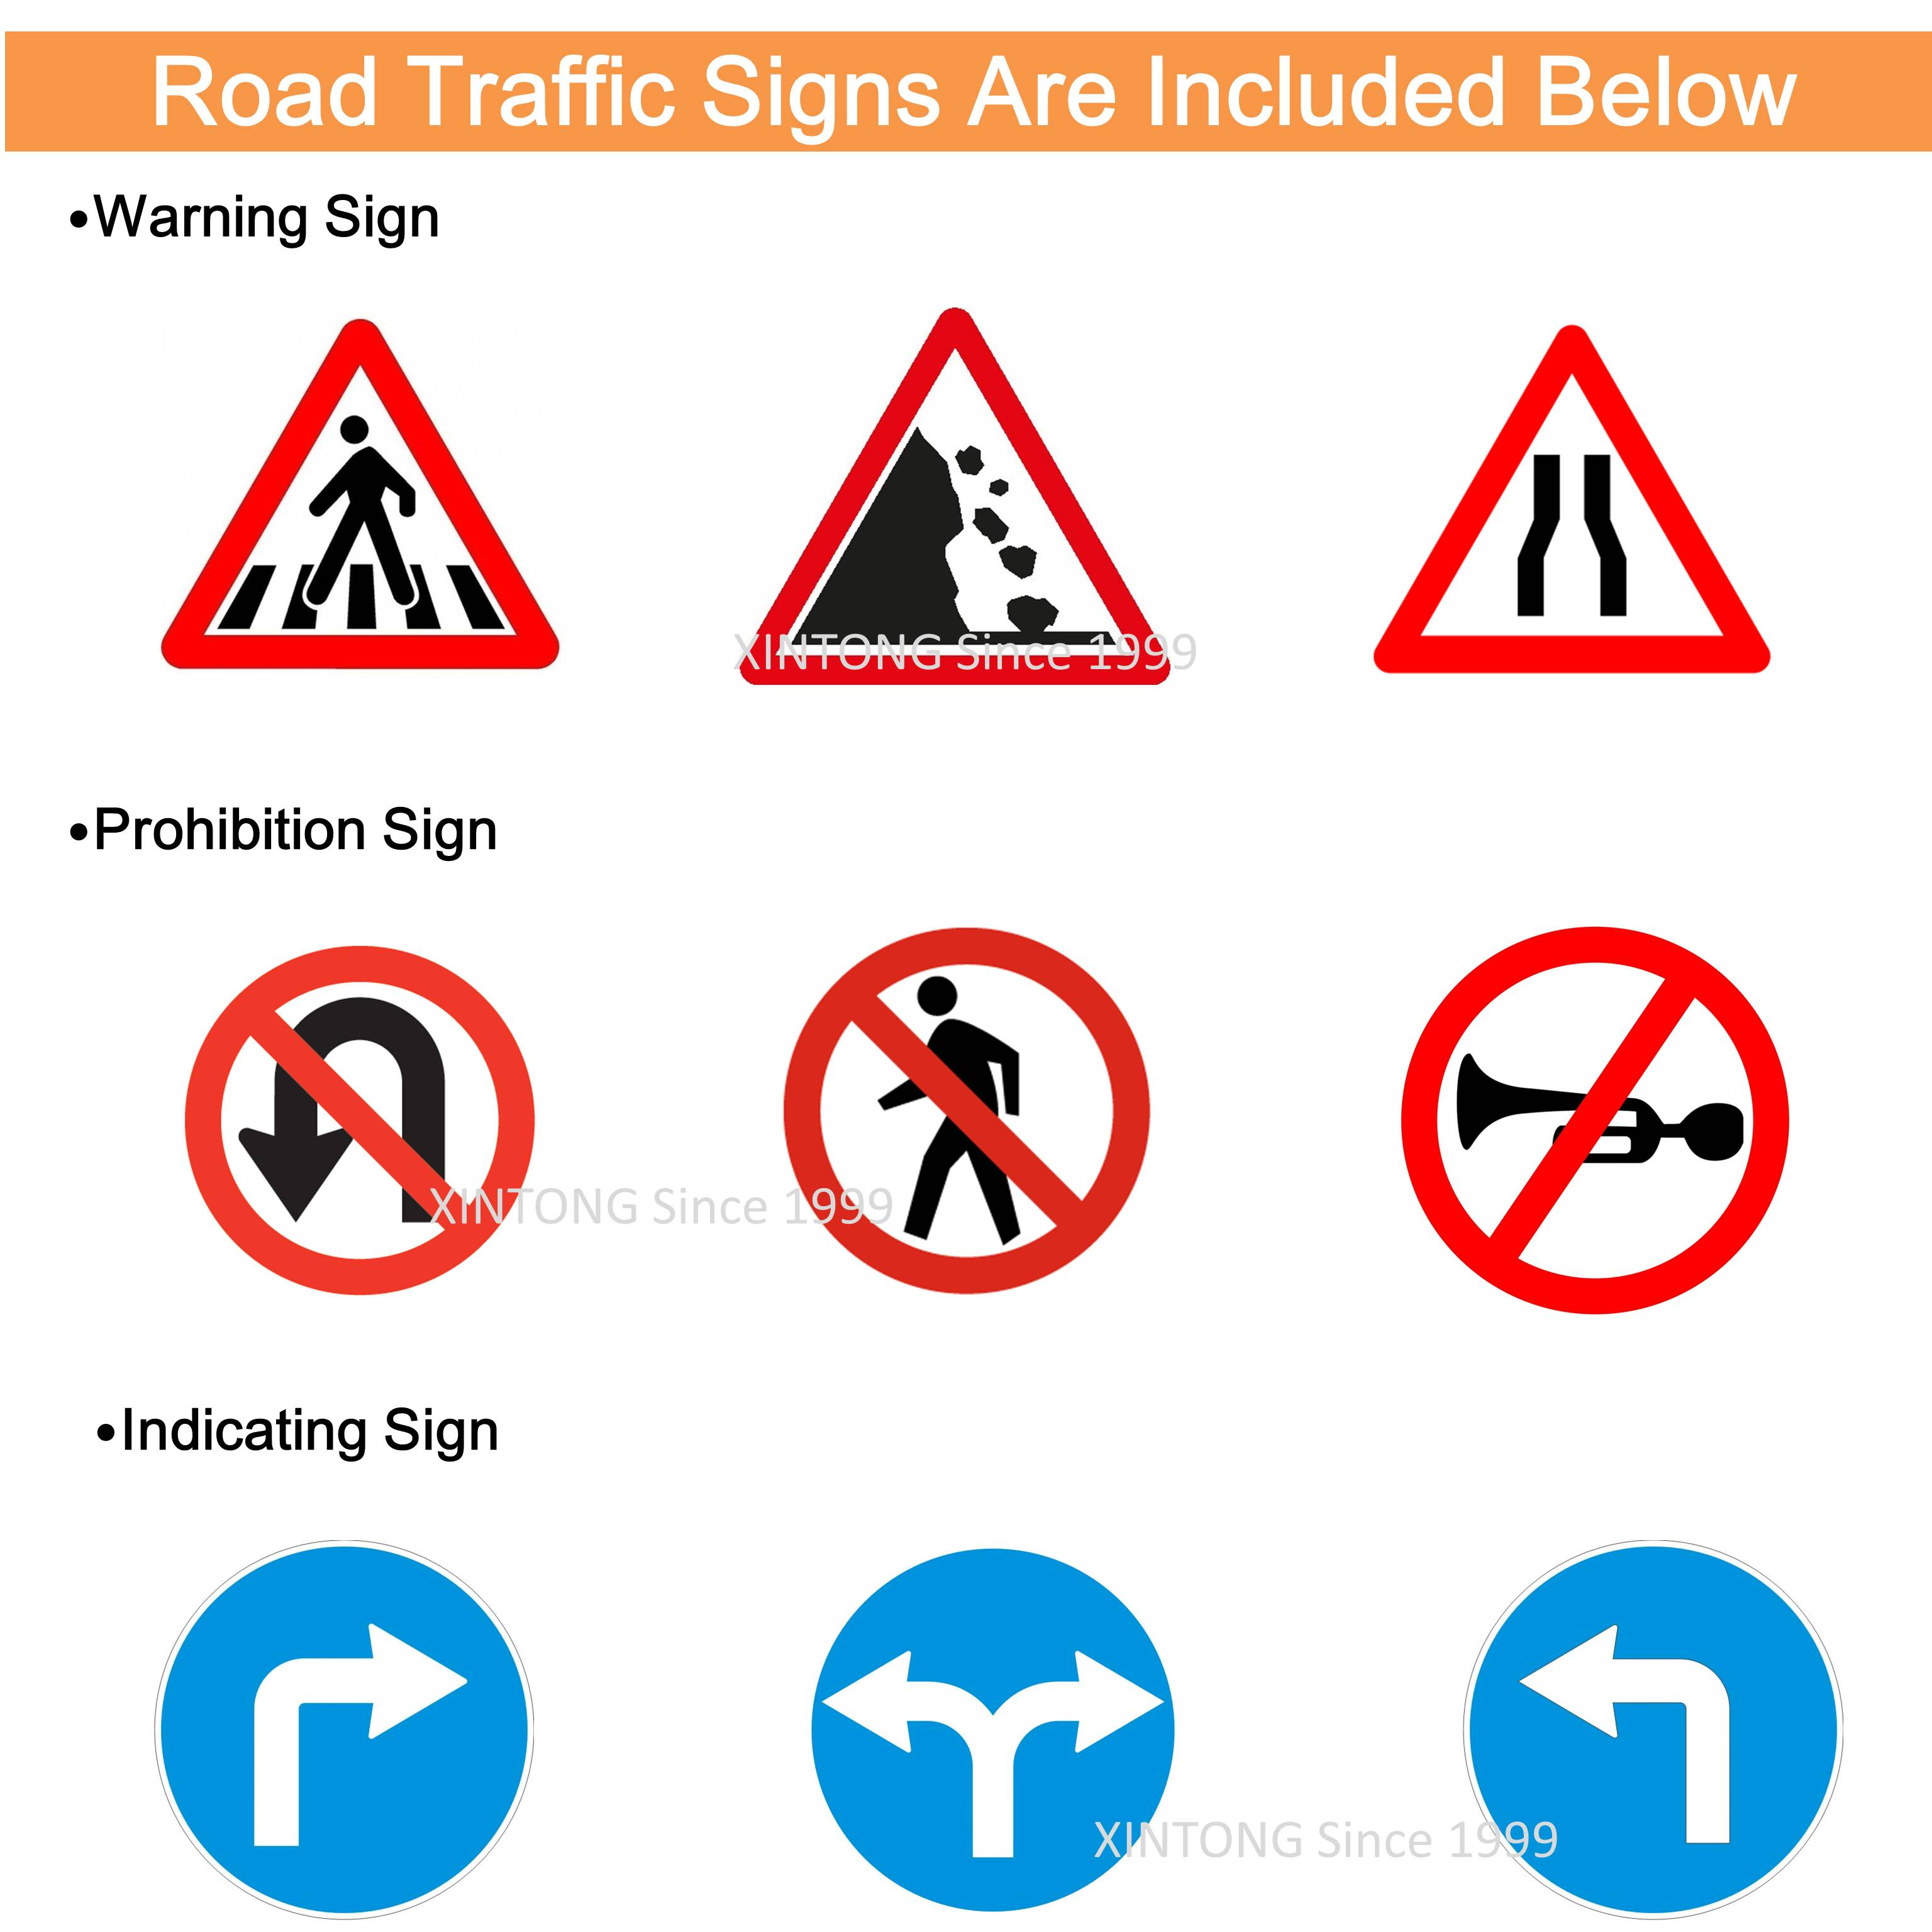 Autobahn Parkplatz Sicherheit Verkehrs Control Road zeichen Warnung led zeichen